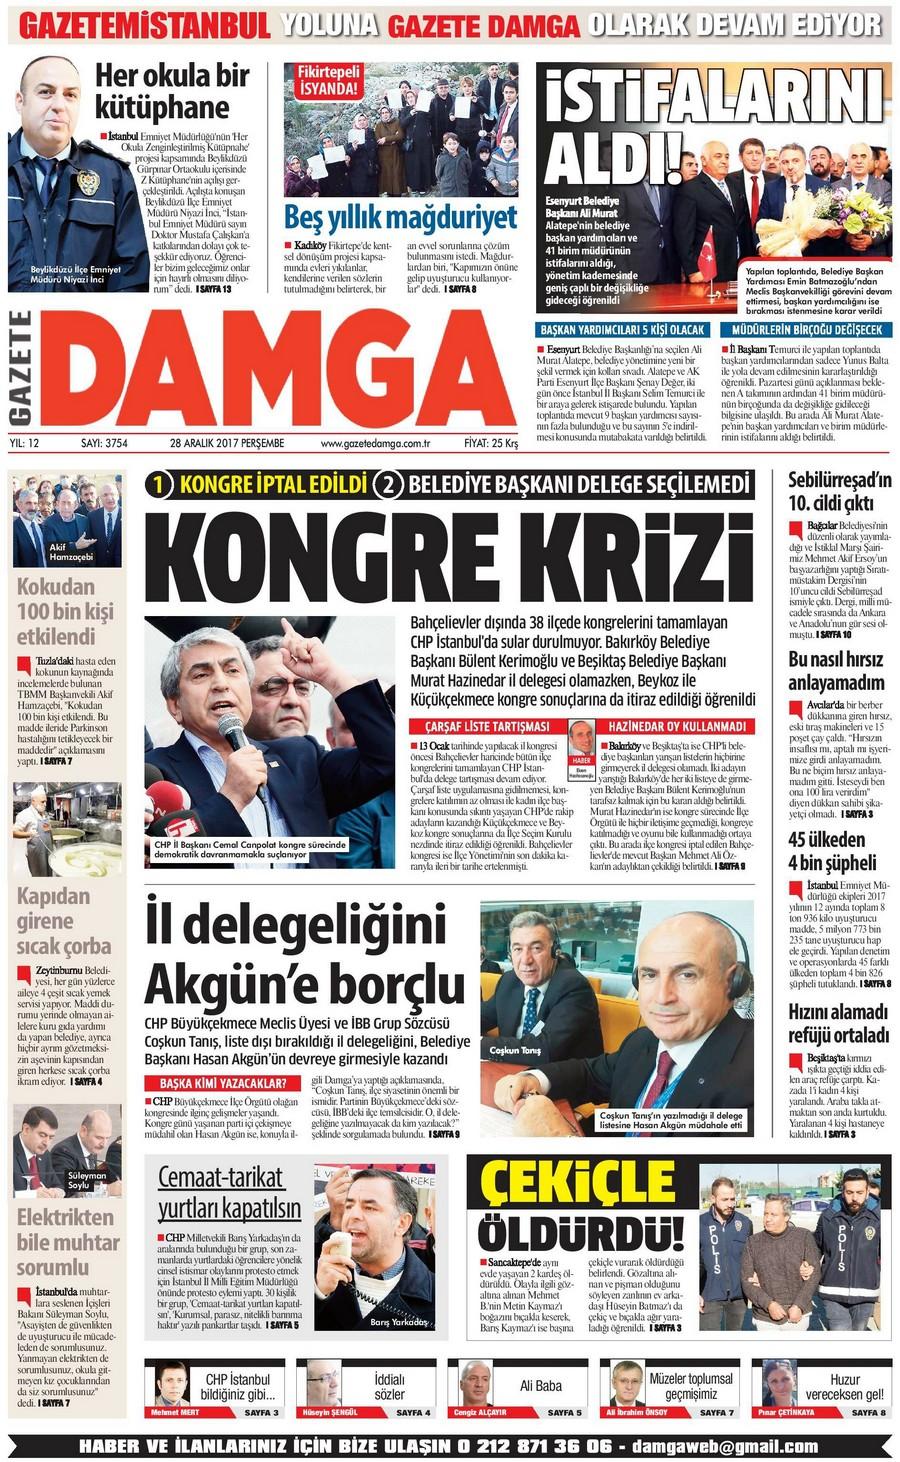 Gazete Damga - 28.12.2017 Manşeti